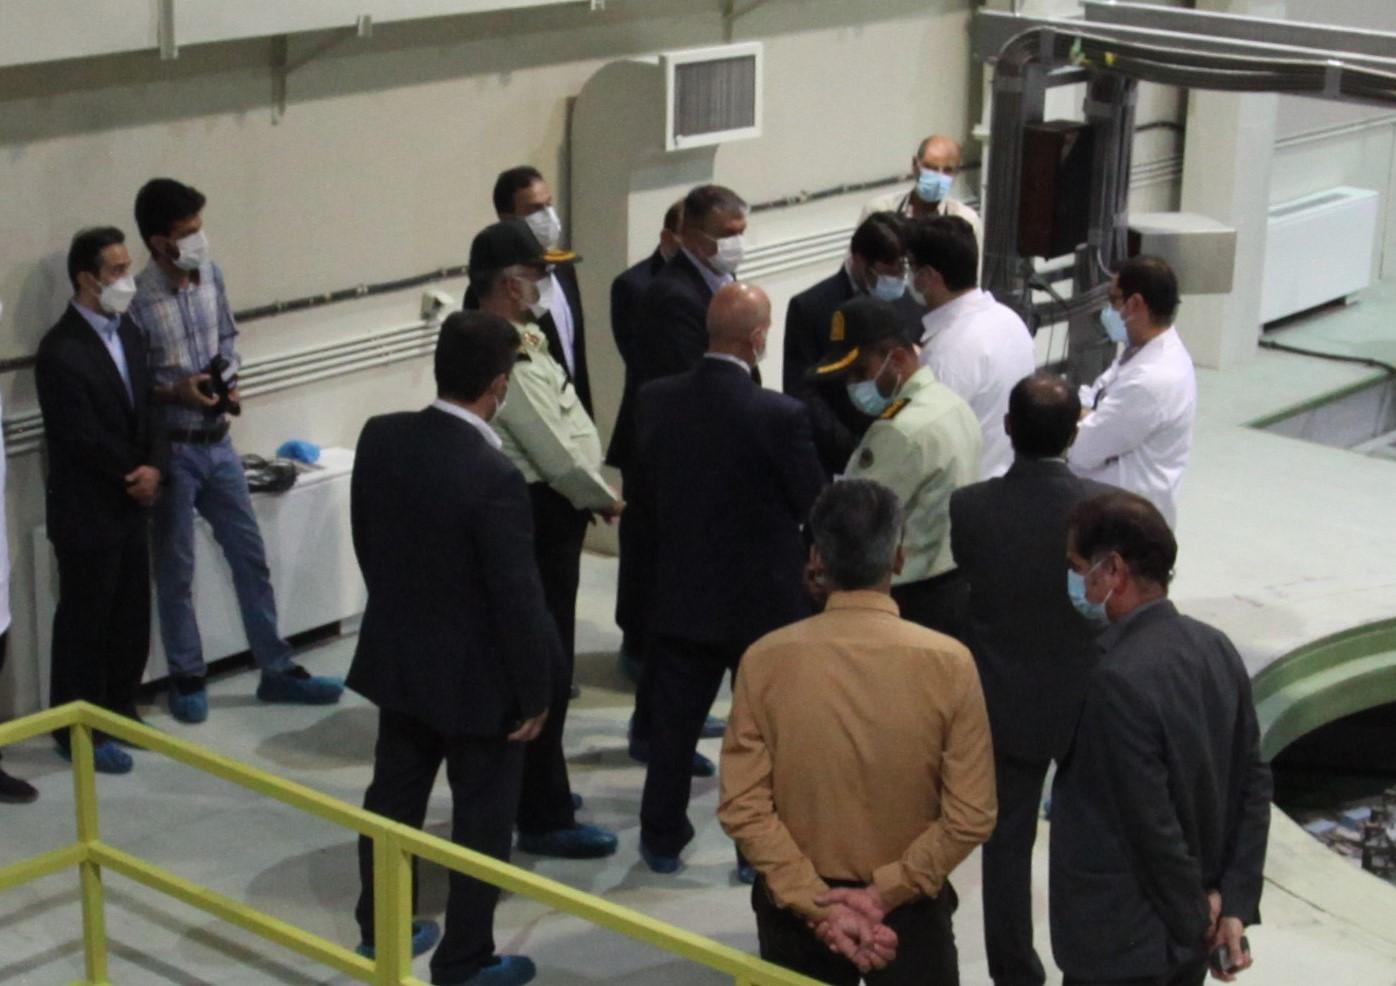 بازدید رئیس سازمان انرژی اتمی کشوراز مرکز بینالمللی آموزش هستهای ایران